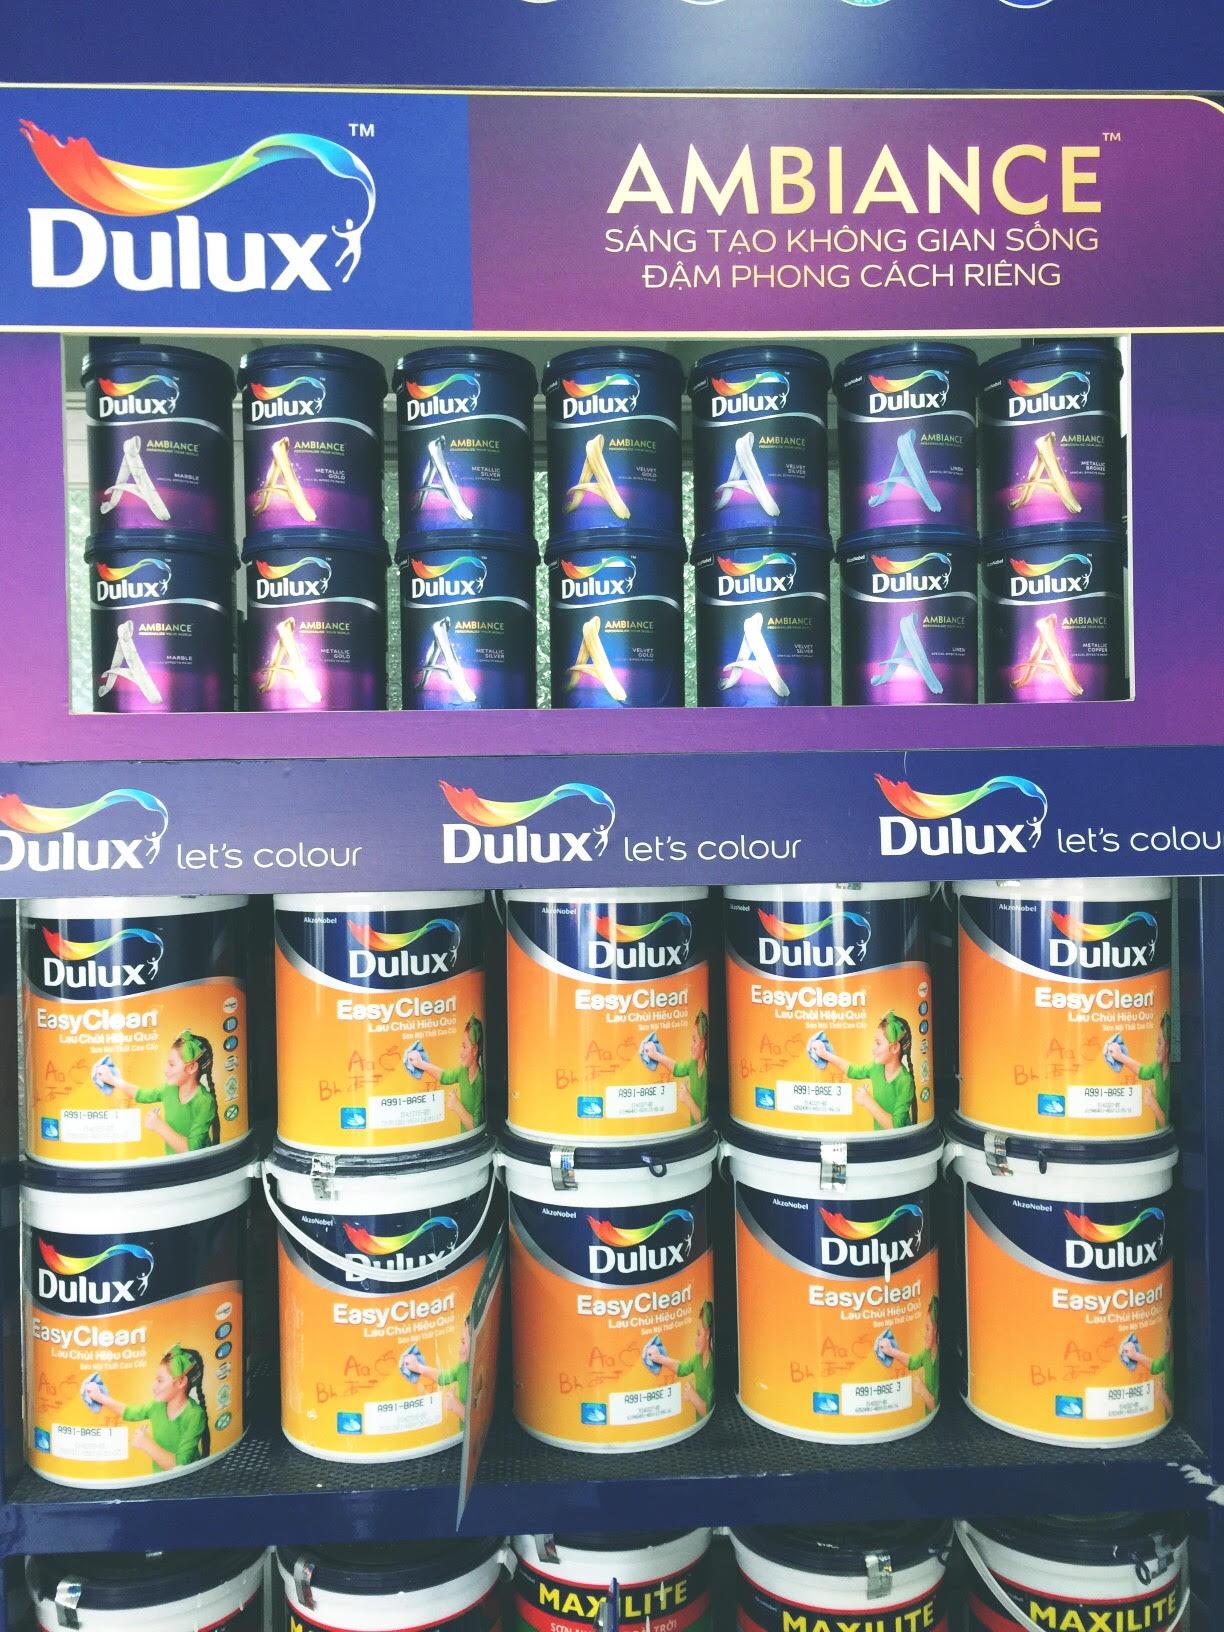 Hướng dẫn phân biệt Sơn Dulux thật và Sơn Dulux giả, Sơn Dulux kém chất lượng